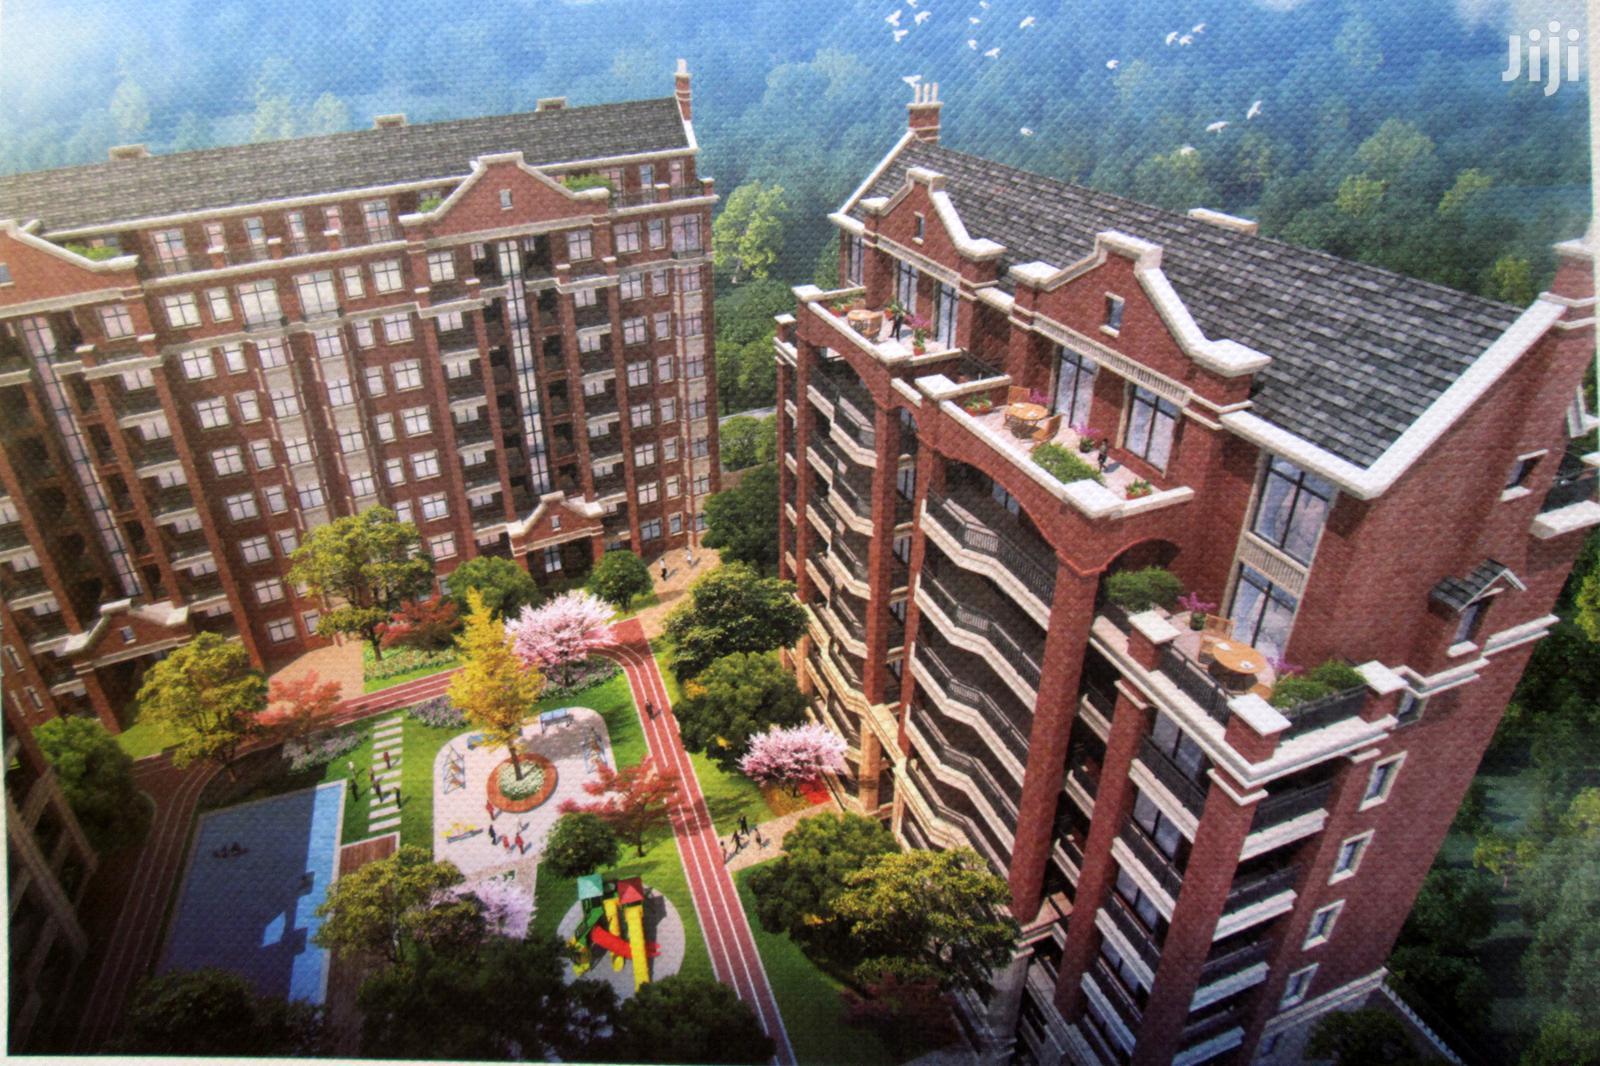 Condominium Apartments Of Penthouse On Sale In Upper Naguru, Bukoto